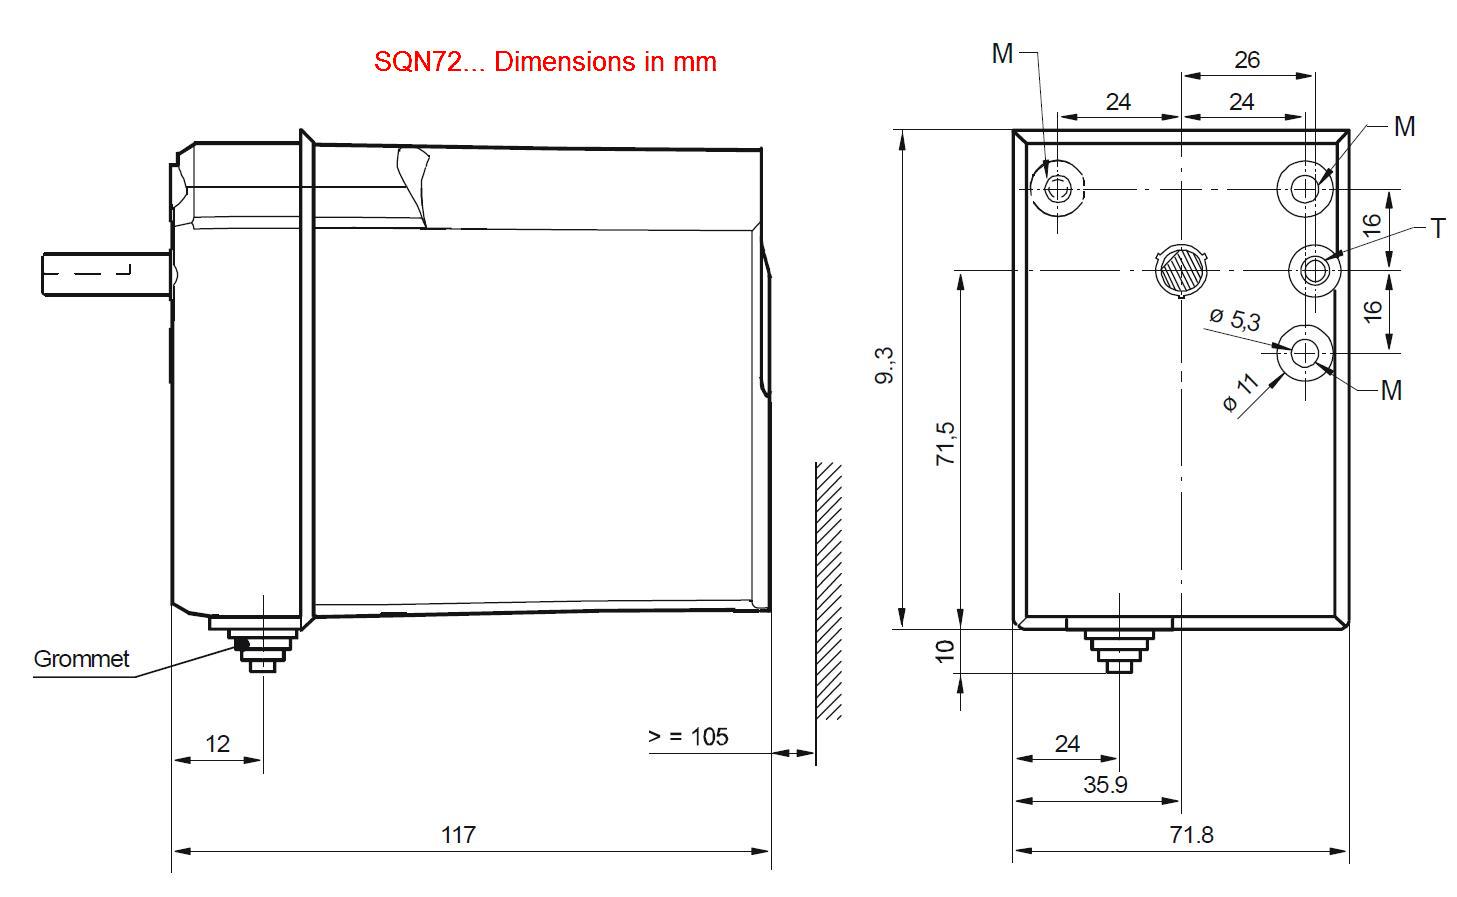 Servomotor SIEMENS SQN72… - dimensiuni